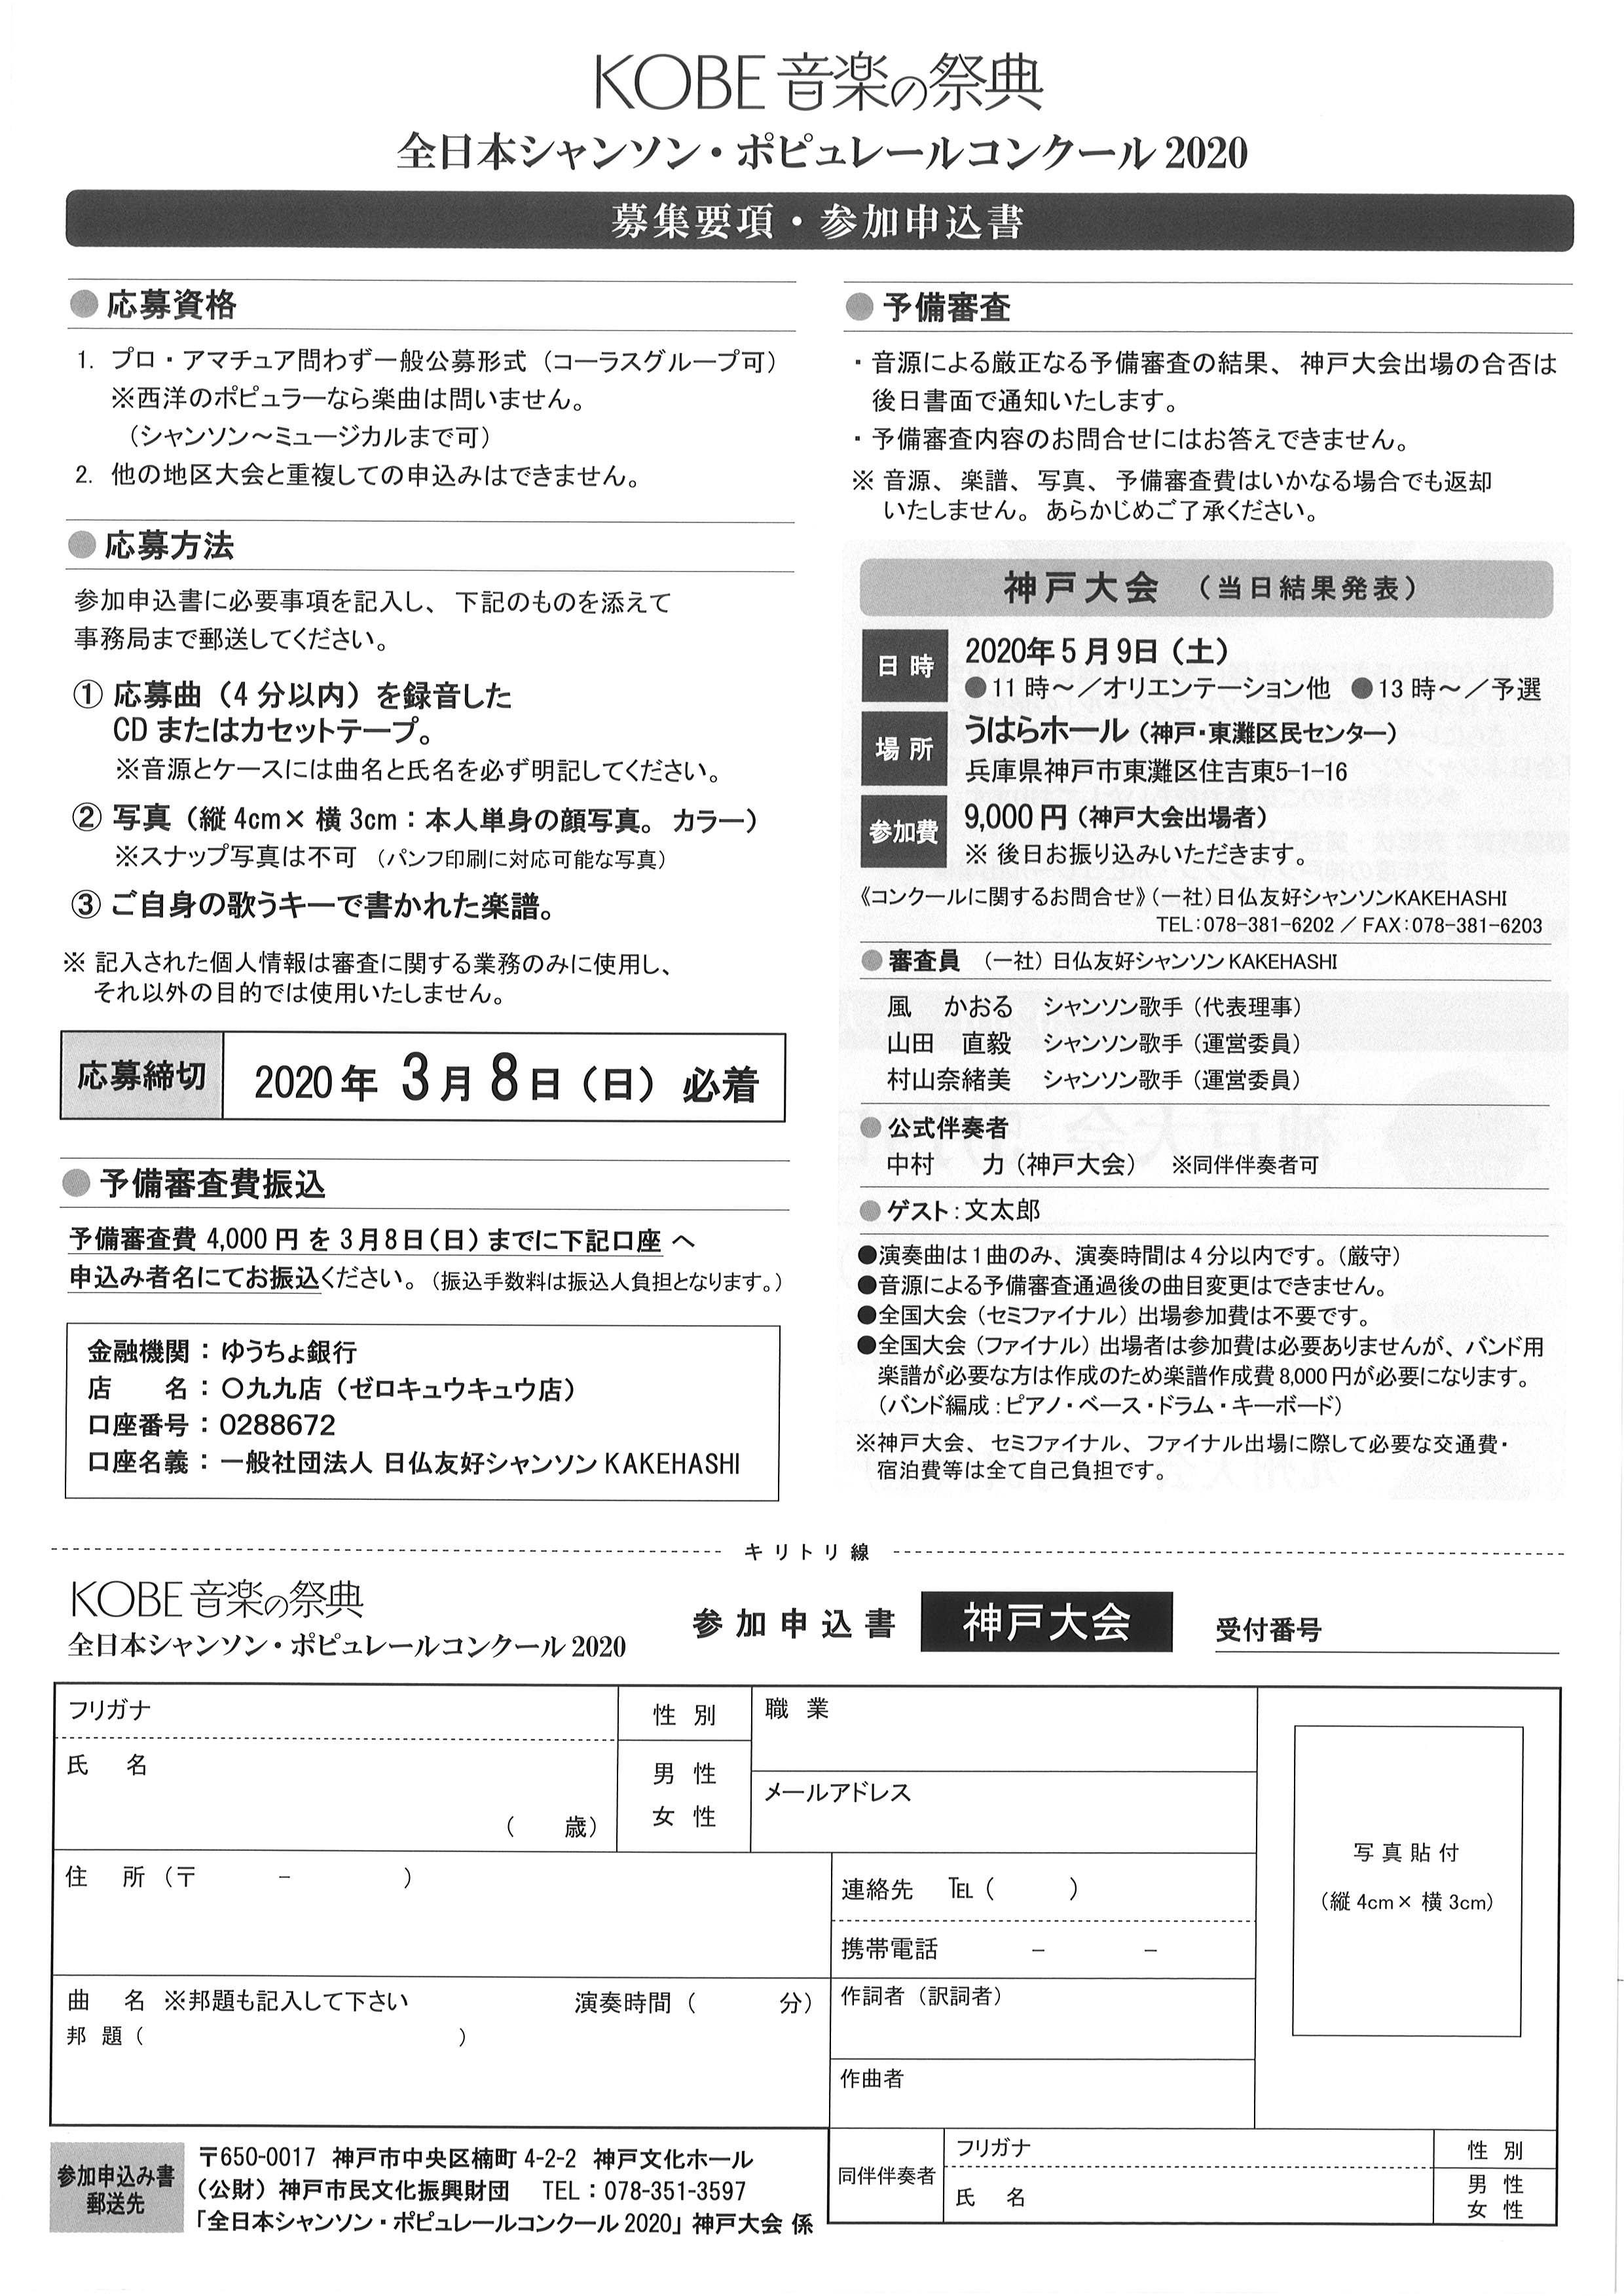 ポピュレールコンクール神戸大会_裏-1.jpg